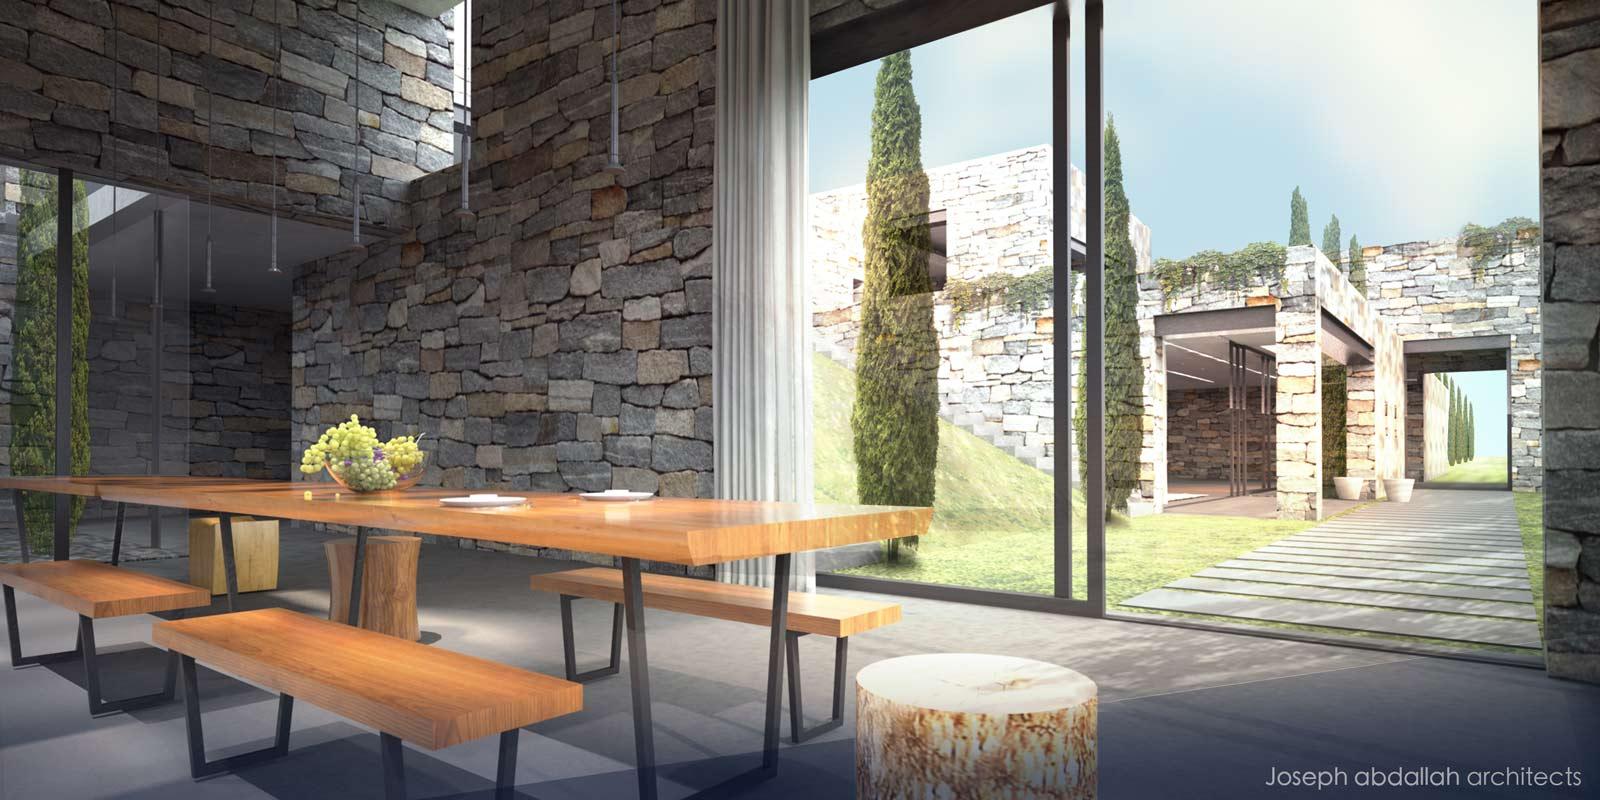 ejbeh-domaine-architecture-villa-lebanon-joseph-abdallah-architects-6